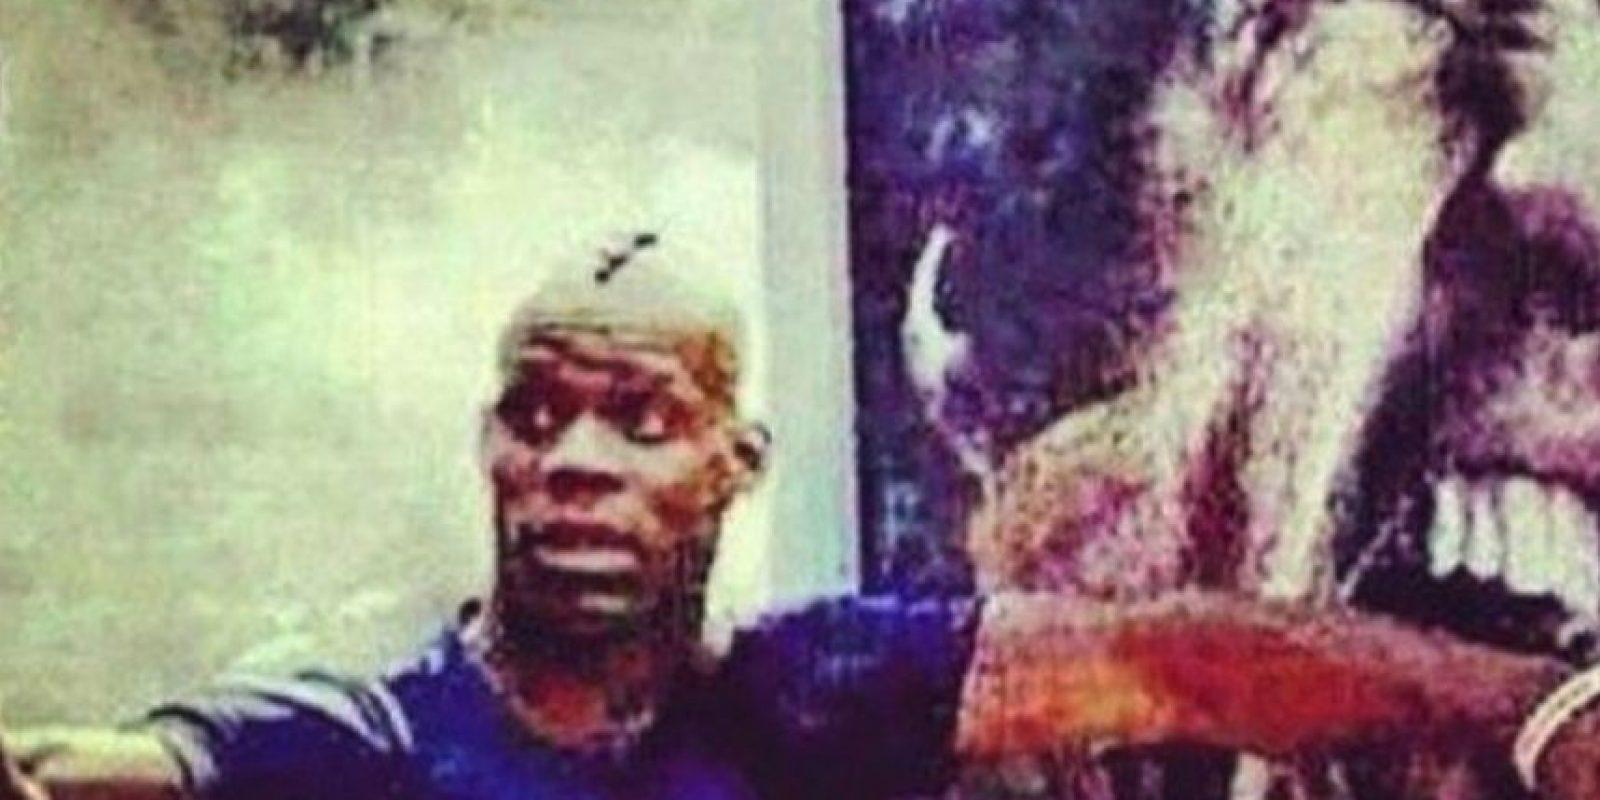 El delantero italiano posteó un selfie en el que simula ser mordido por Luis Suárez Foto:instagram.com/mb459